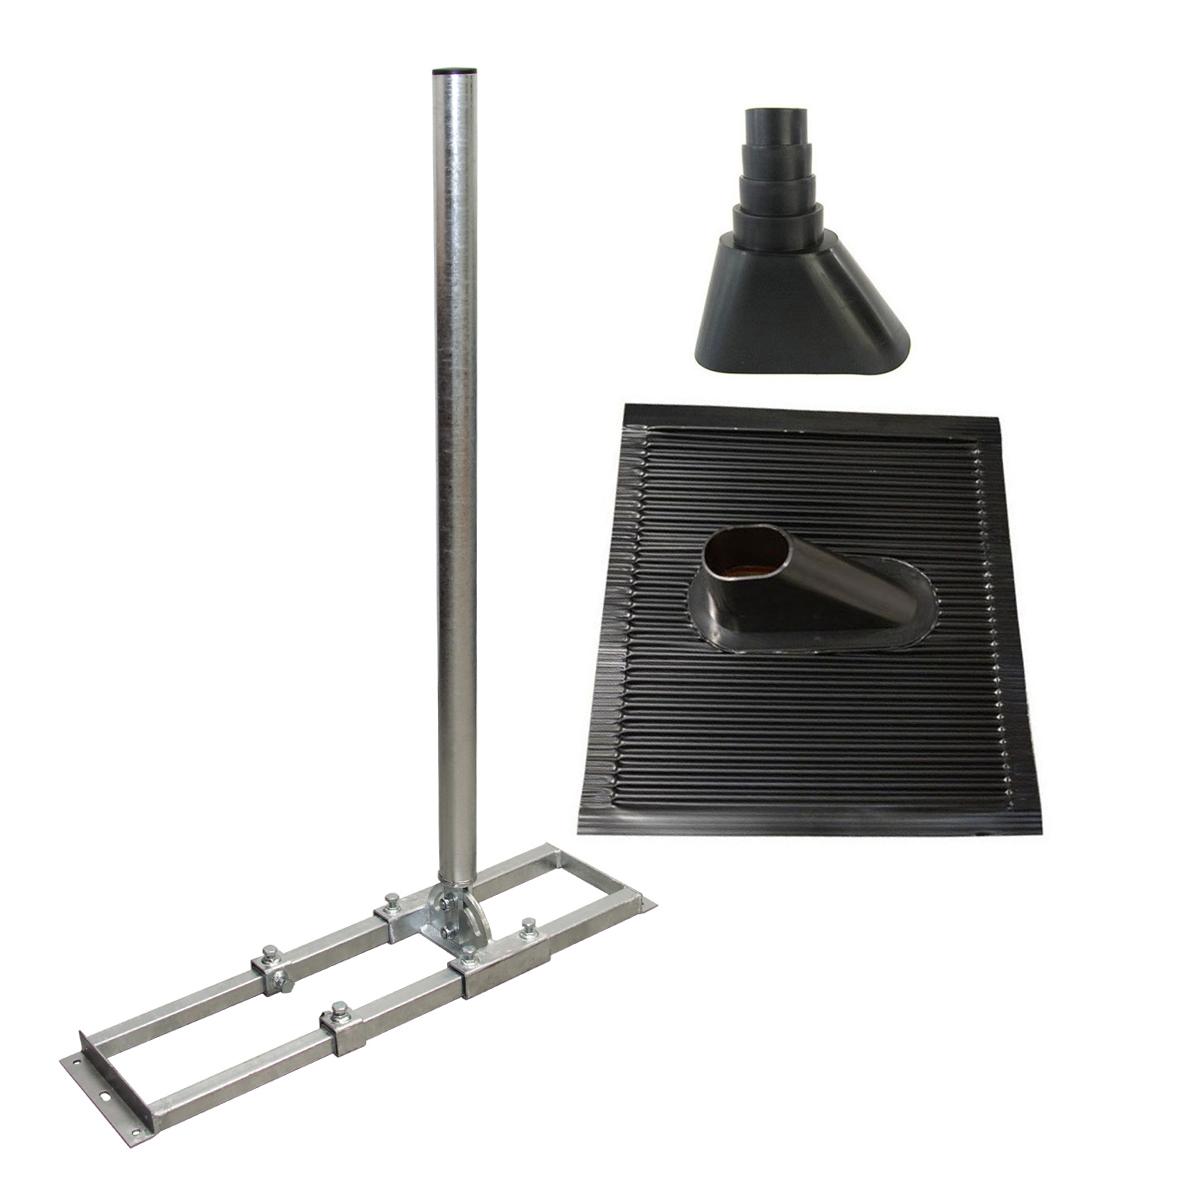 PremiumX PROFI X100-48F Dachsparrenhalter Stahl voll feuerverzinkt ALU Dachabdeckung Manschette schwarz